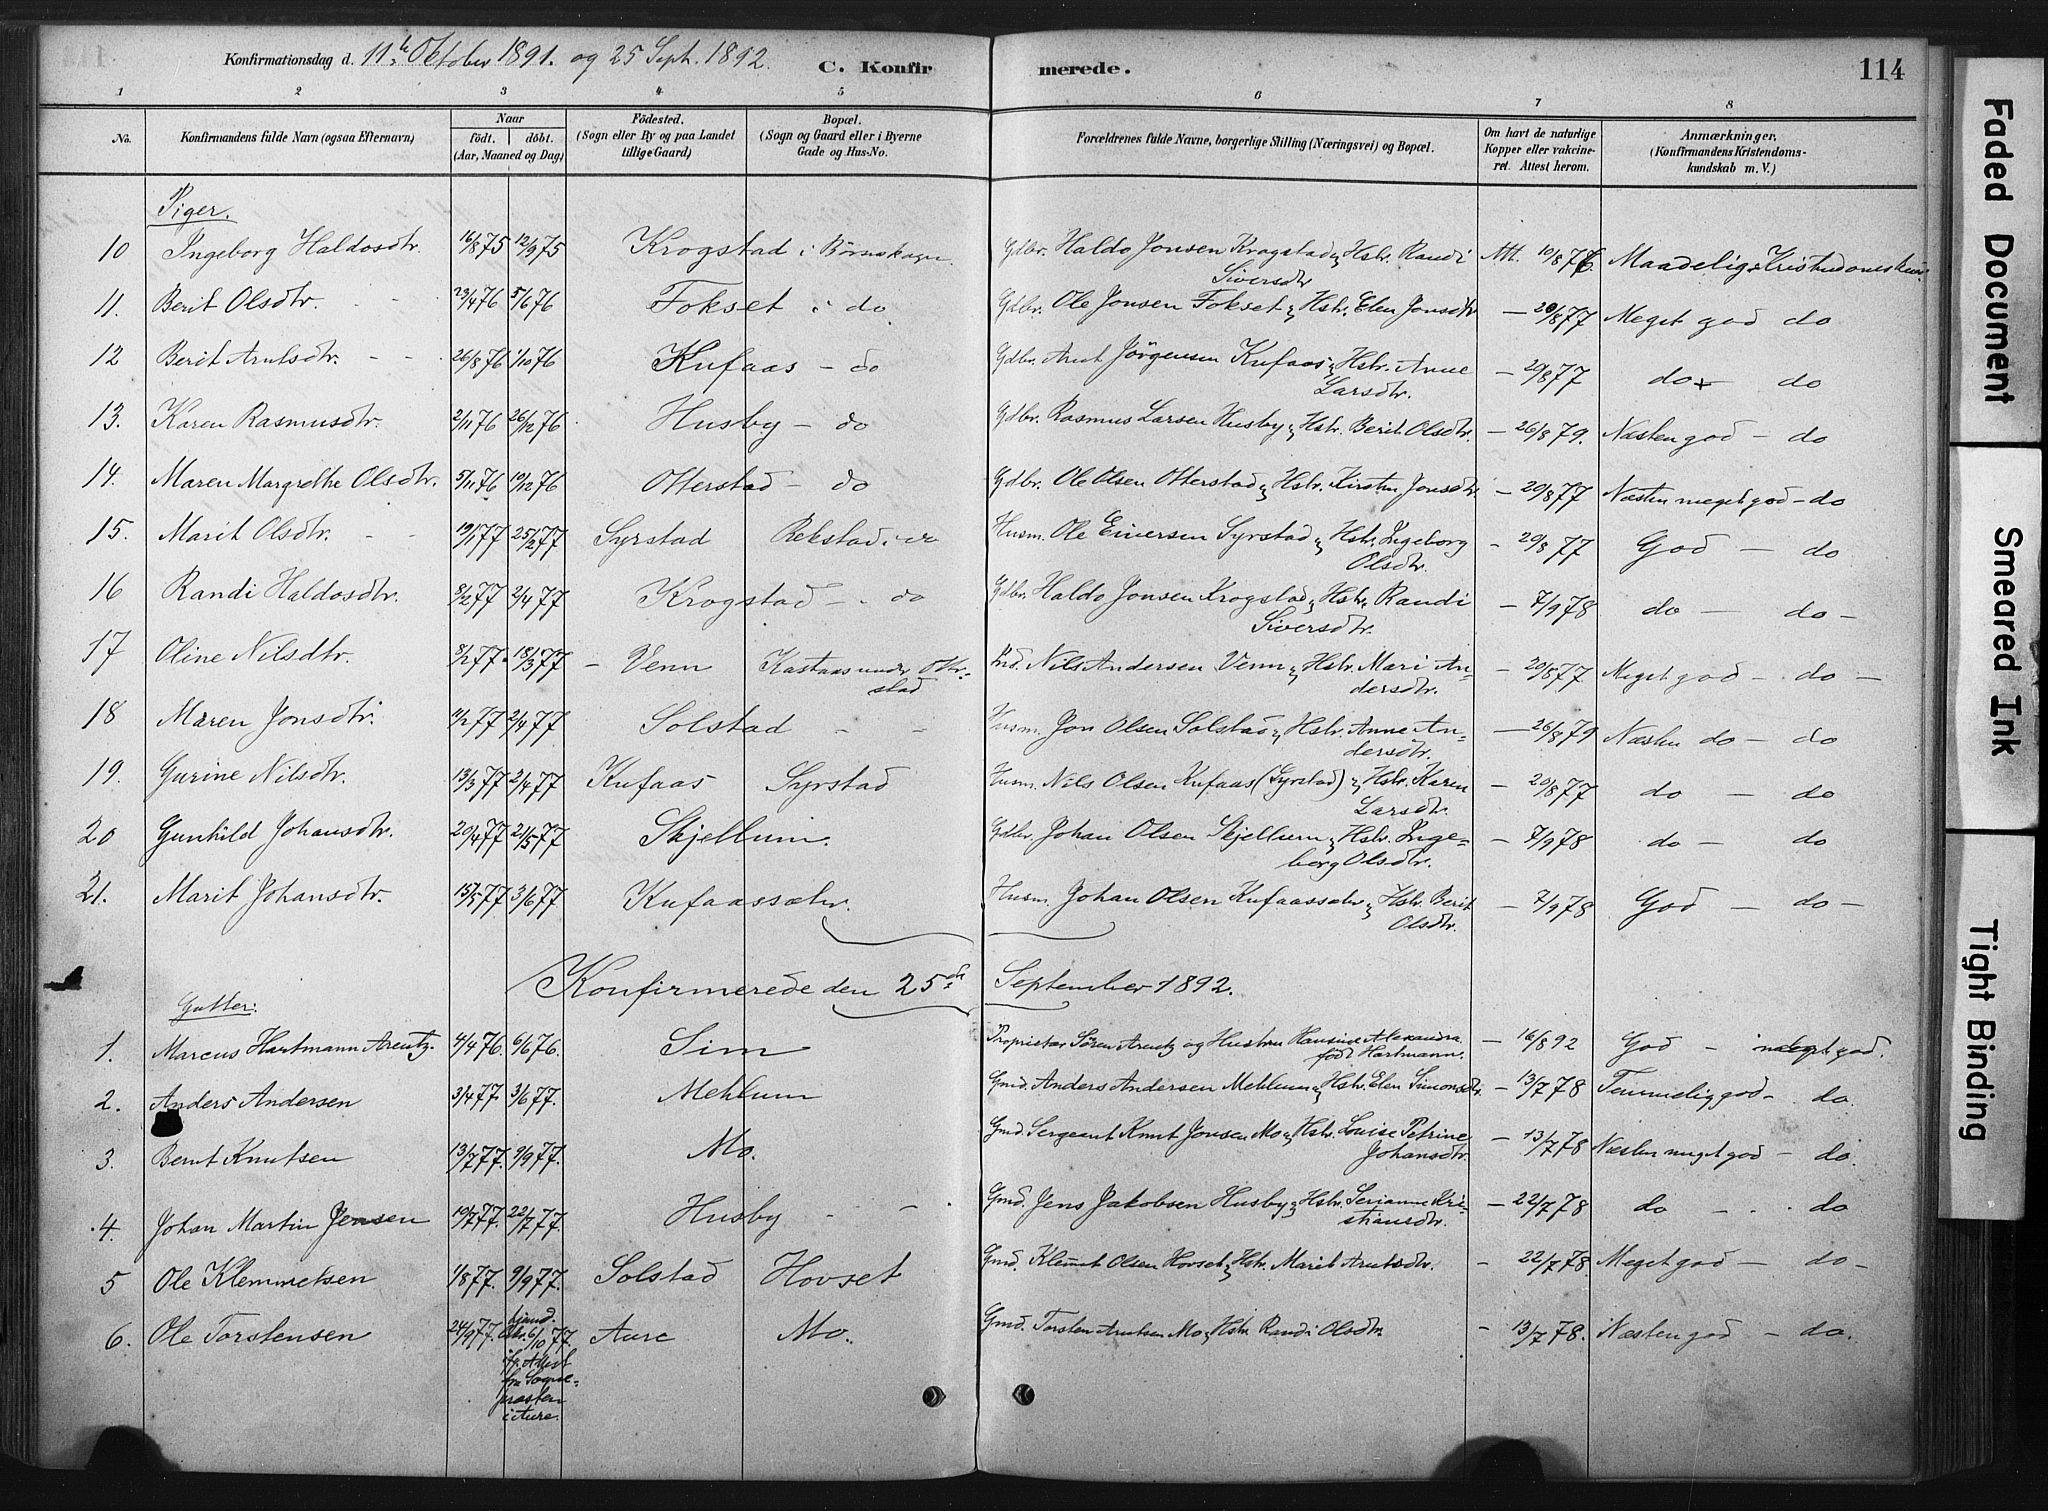 SAT, Ministerialprotokoller, klokkerbøker og fødselsregistre - Sør-Trøndelag, 667/L0795: Ministerialbok nr. 667A03, 1879-1907, s. 114